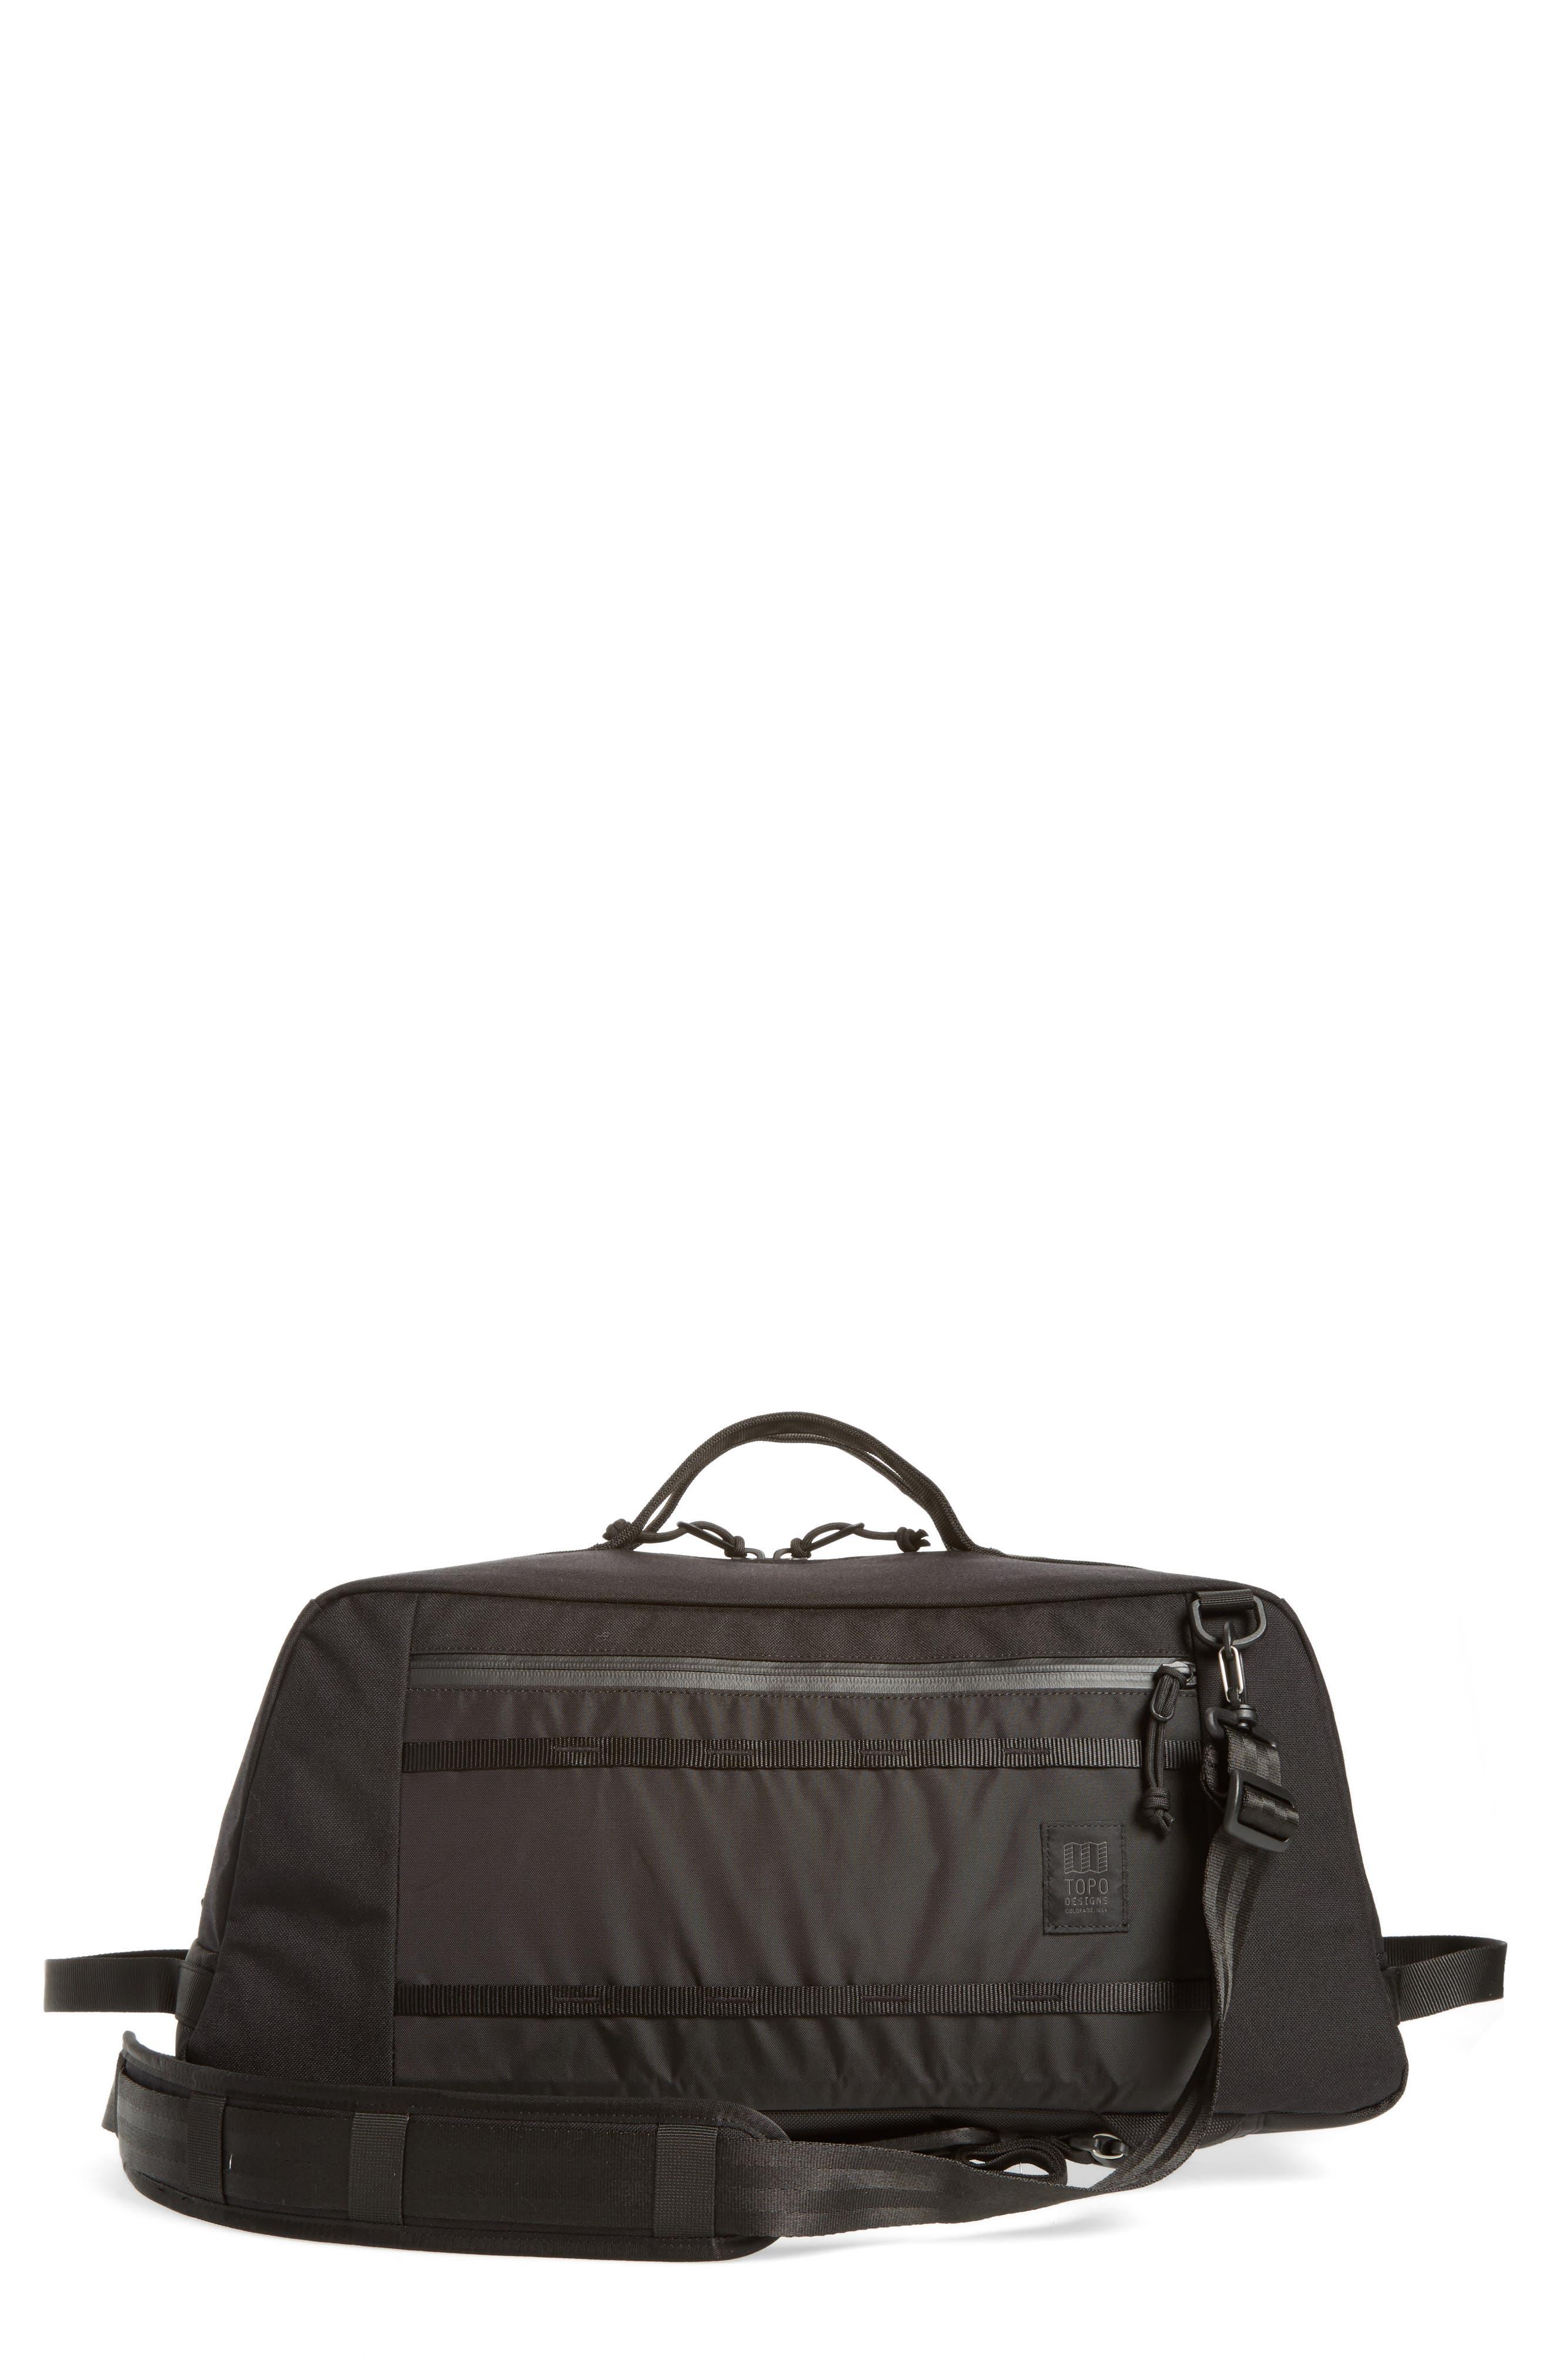 Topo Designs Mountain Convertible Duffel Bag